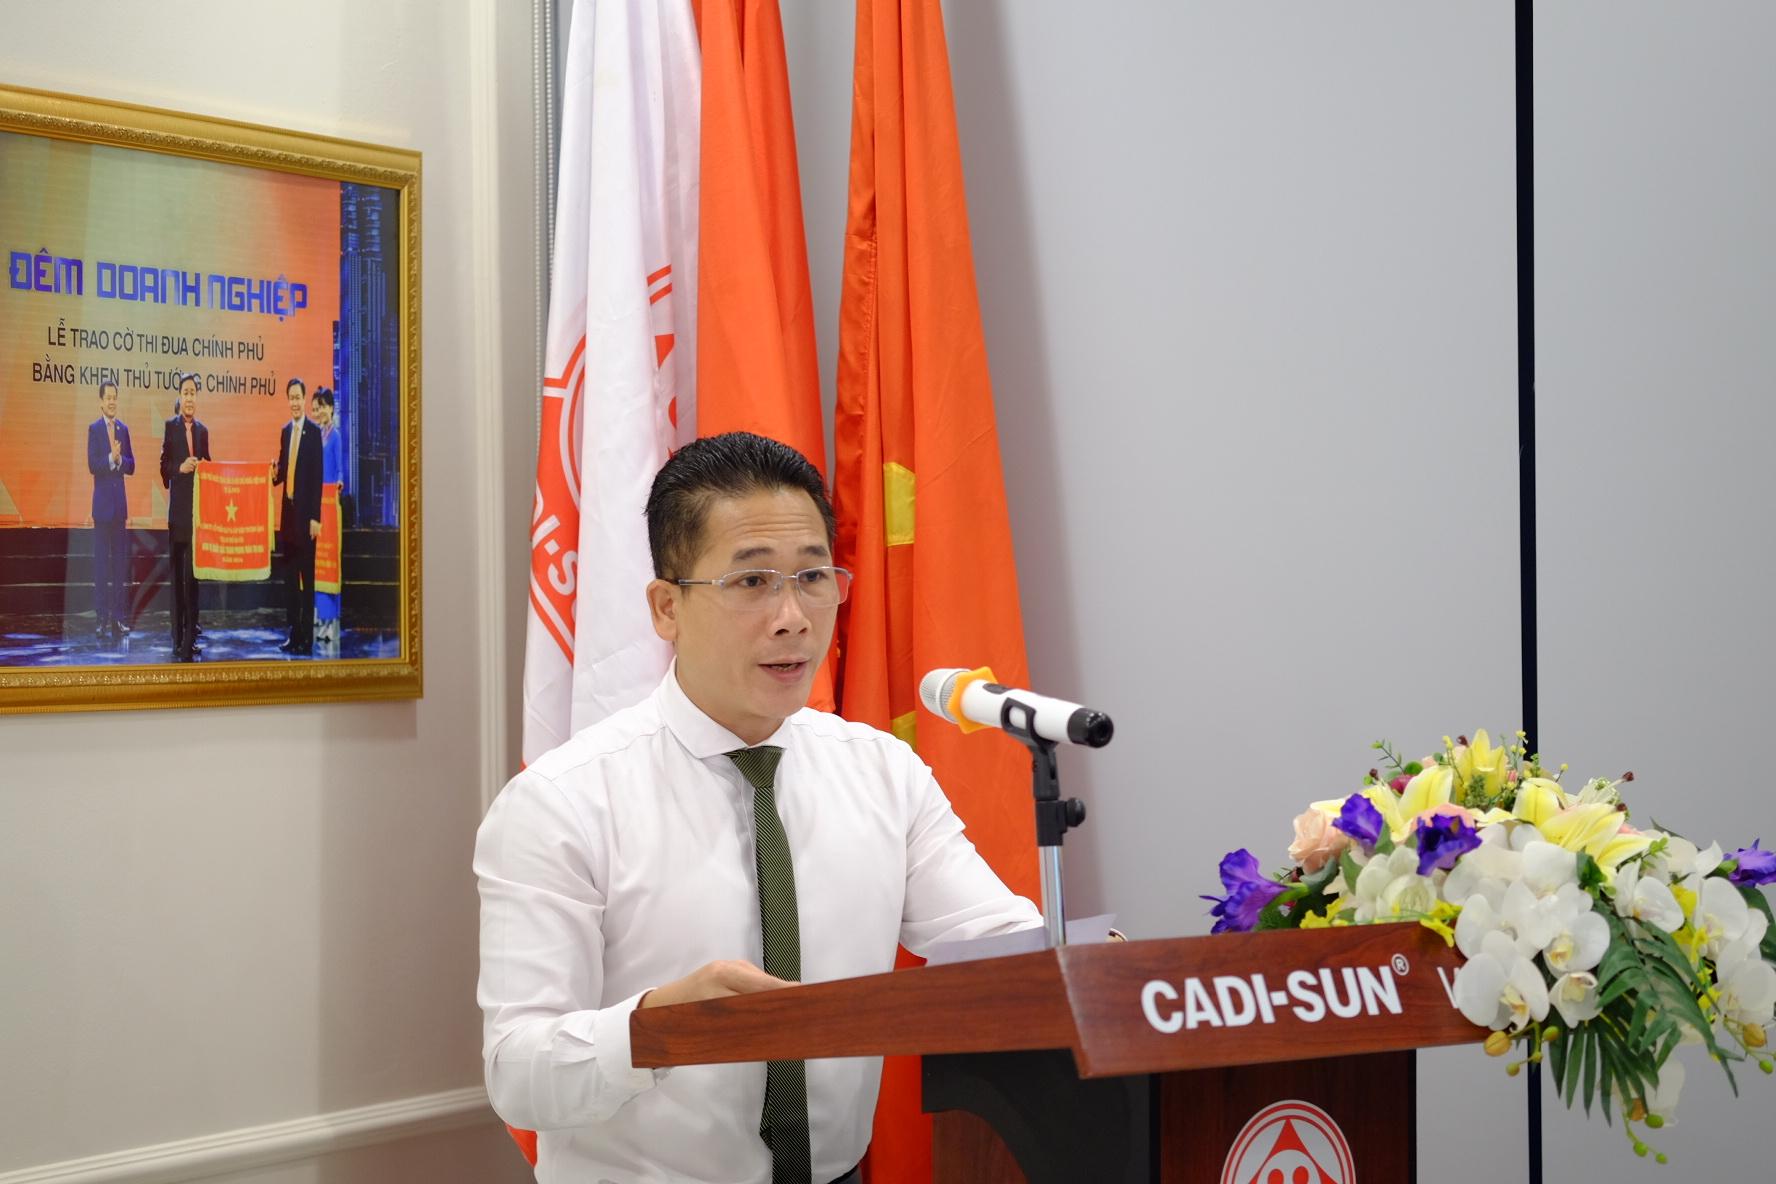 Chùm ảnh hội nghị tổng kết các Khối công ty CADI-SUN